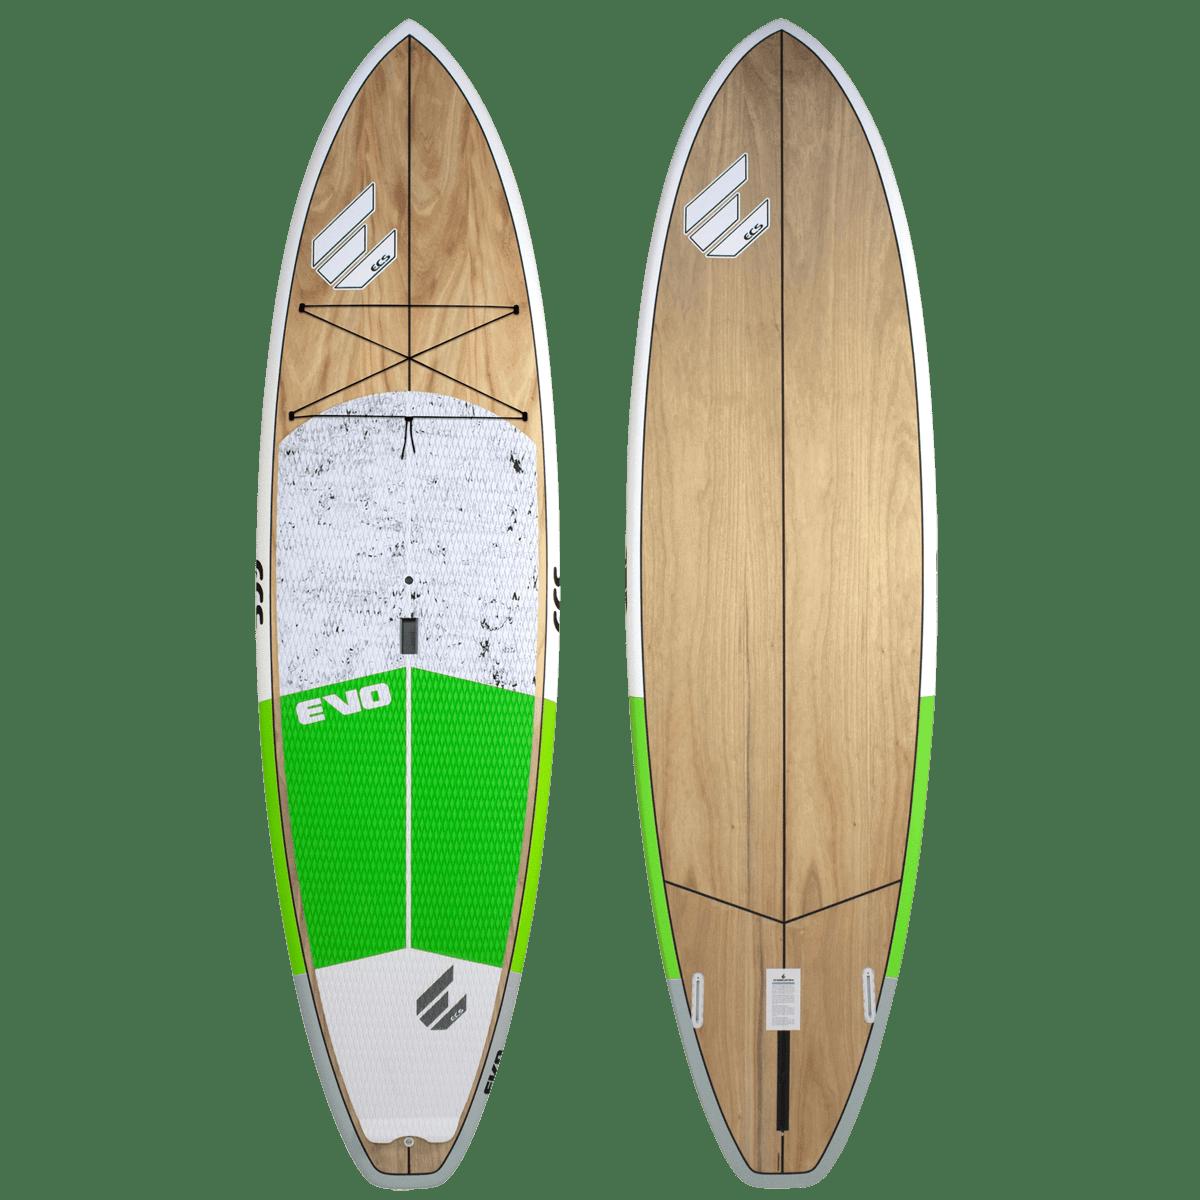 ECS Evo SUP paddle board green